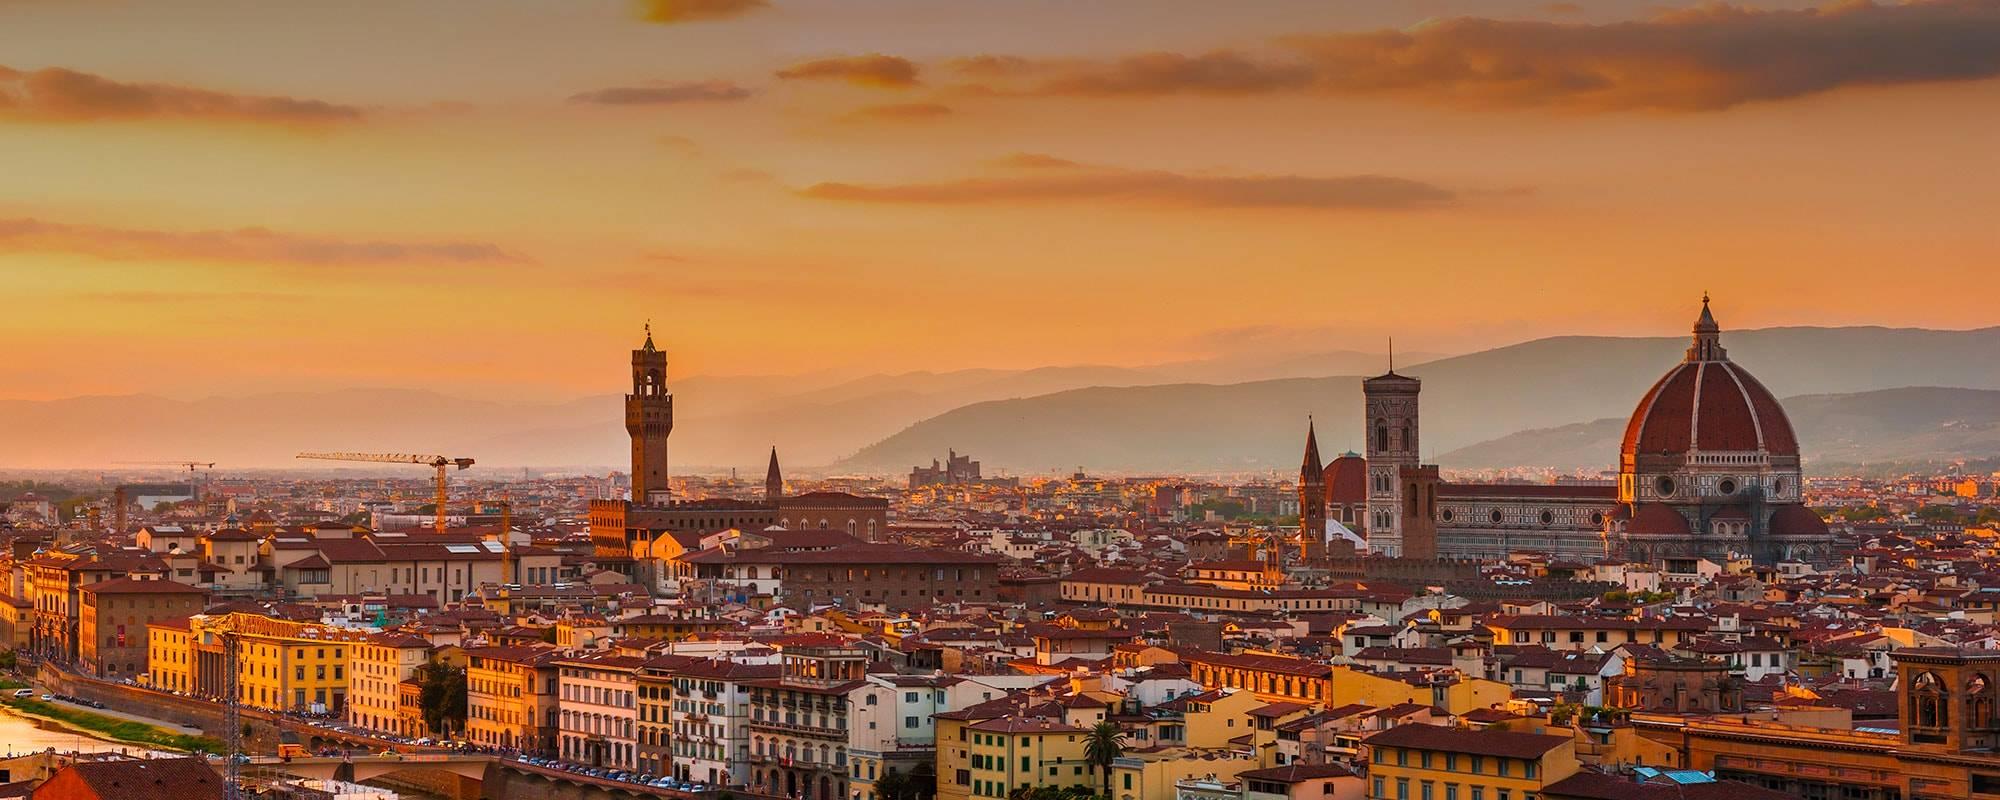 صورة فوتوغرافية من مدينة فلورنسا الإيطالية